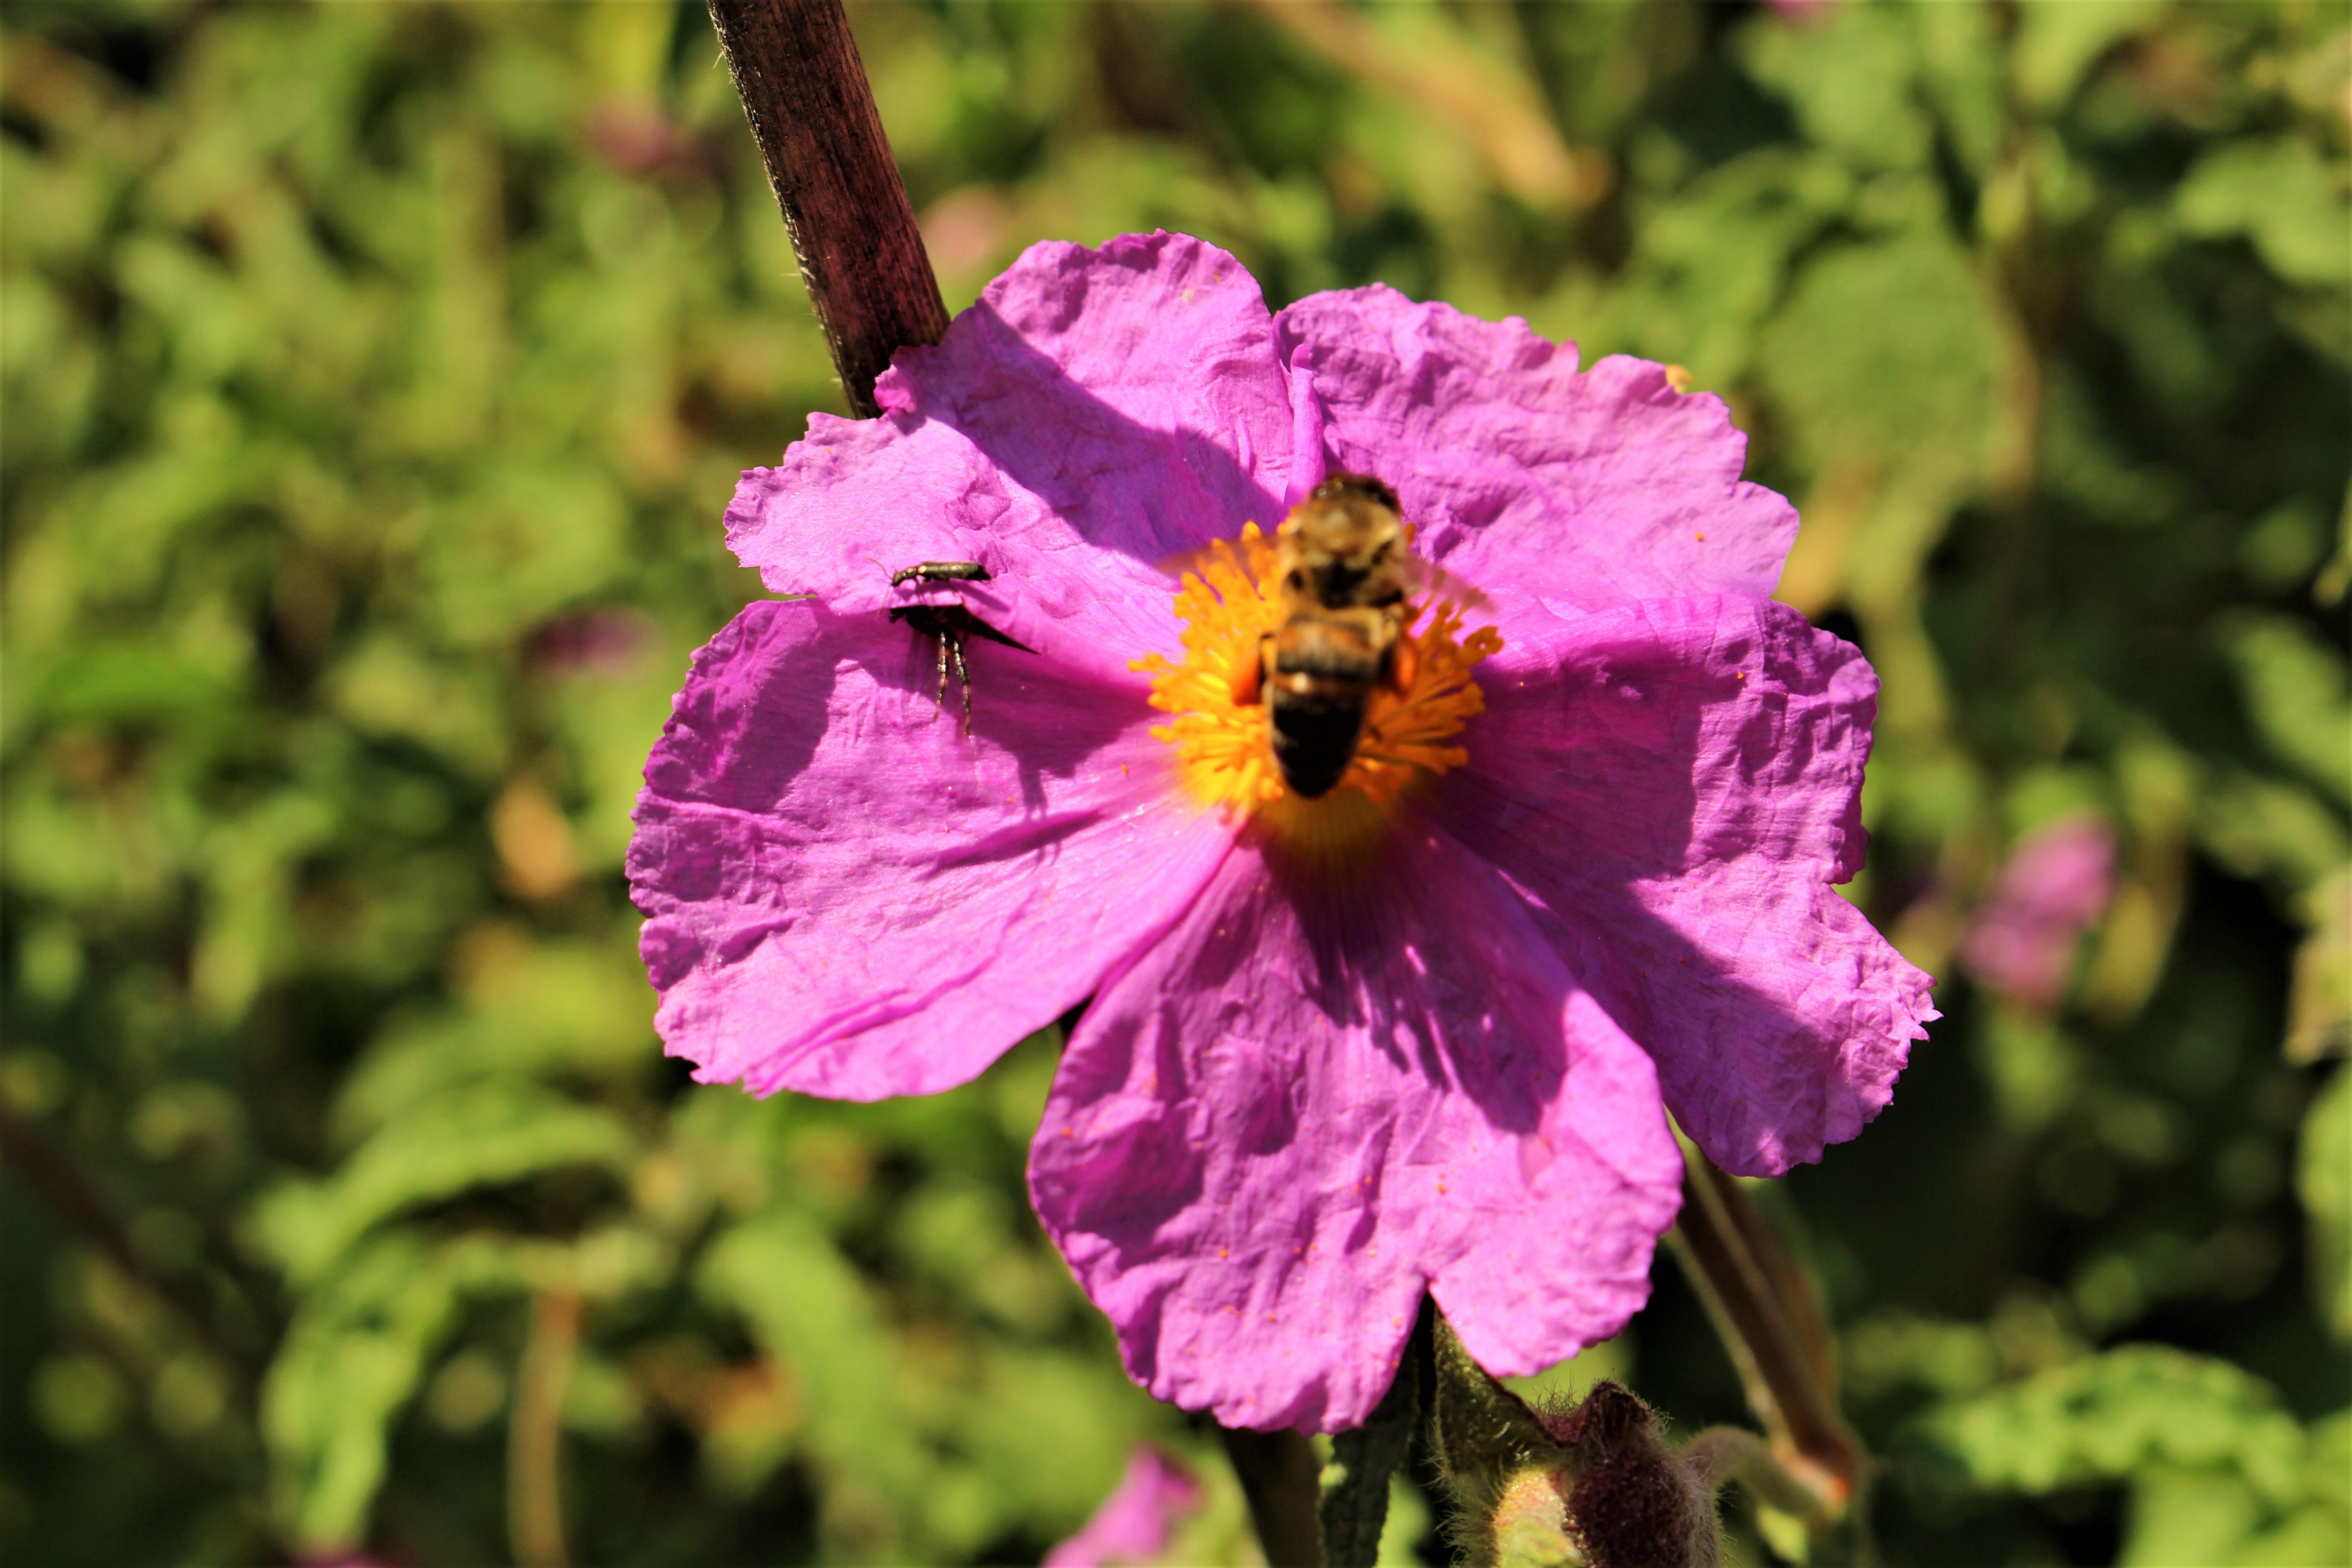 Çiçek, arı, Ada florası, doğa, pembe çiçek